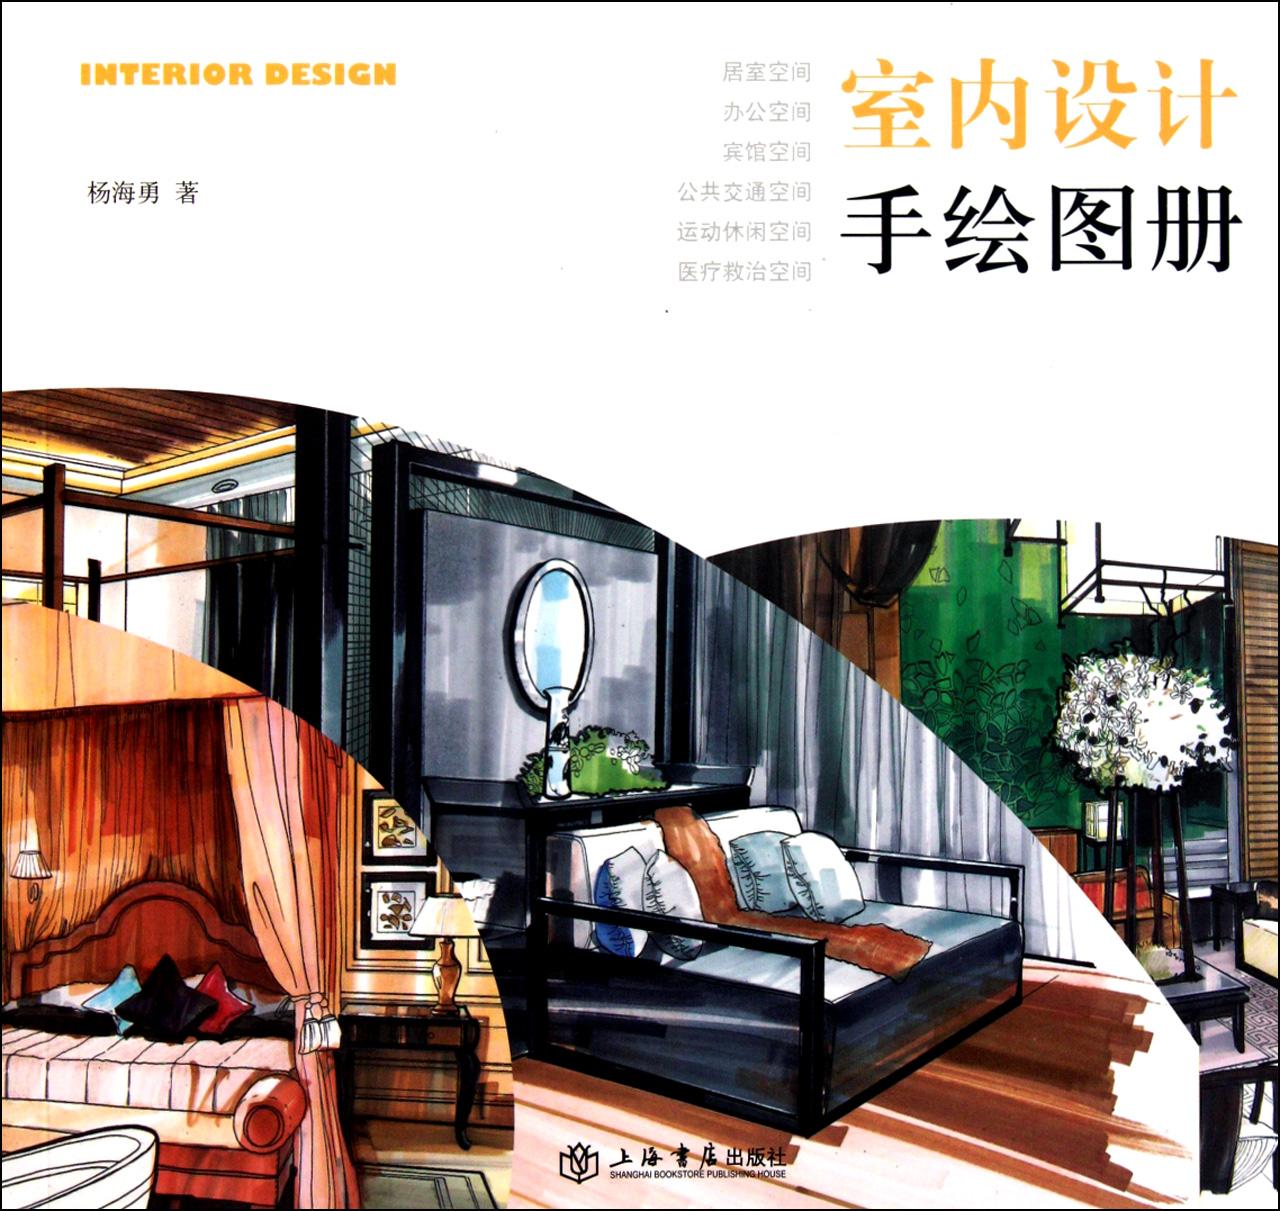 室内设计手绘图册_沪江网店